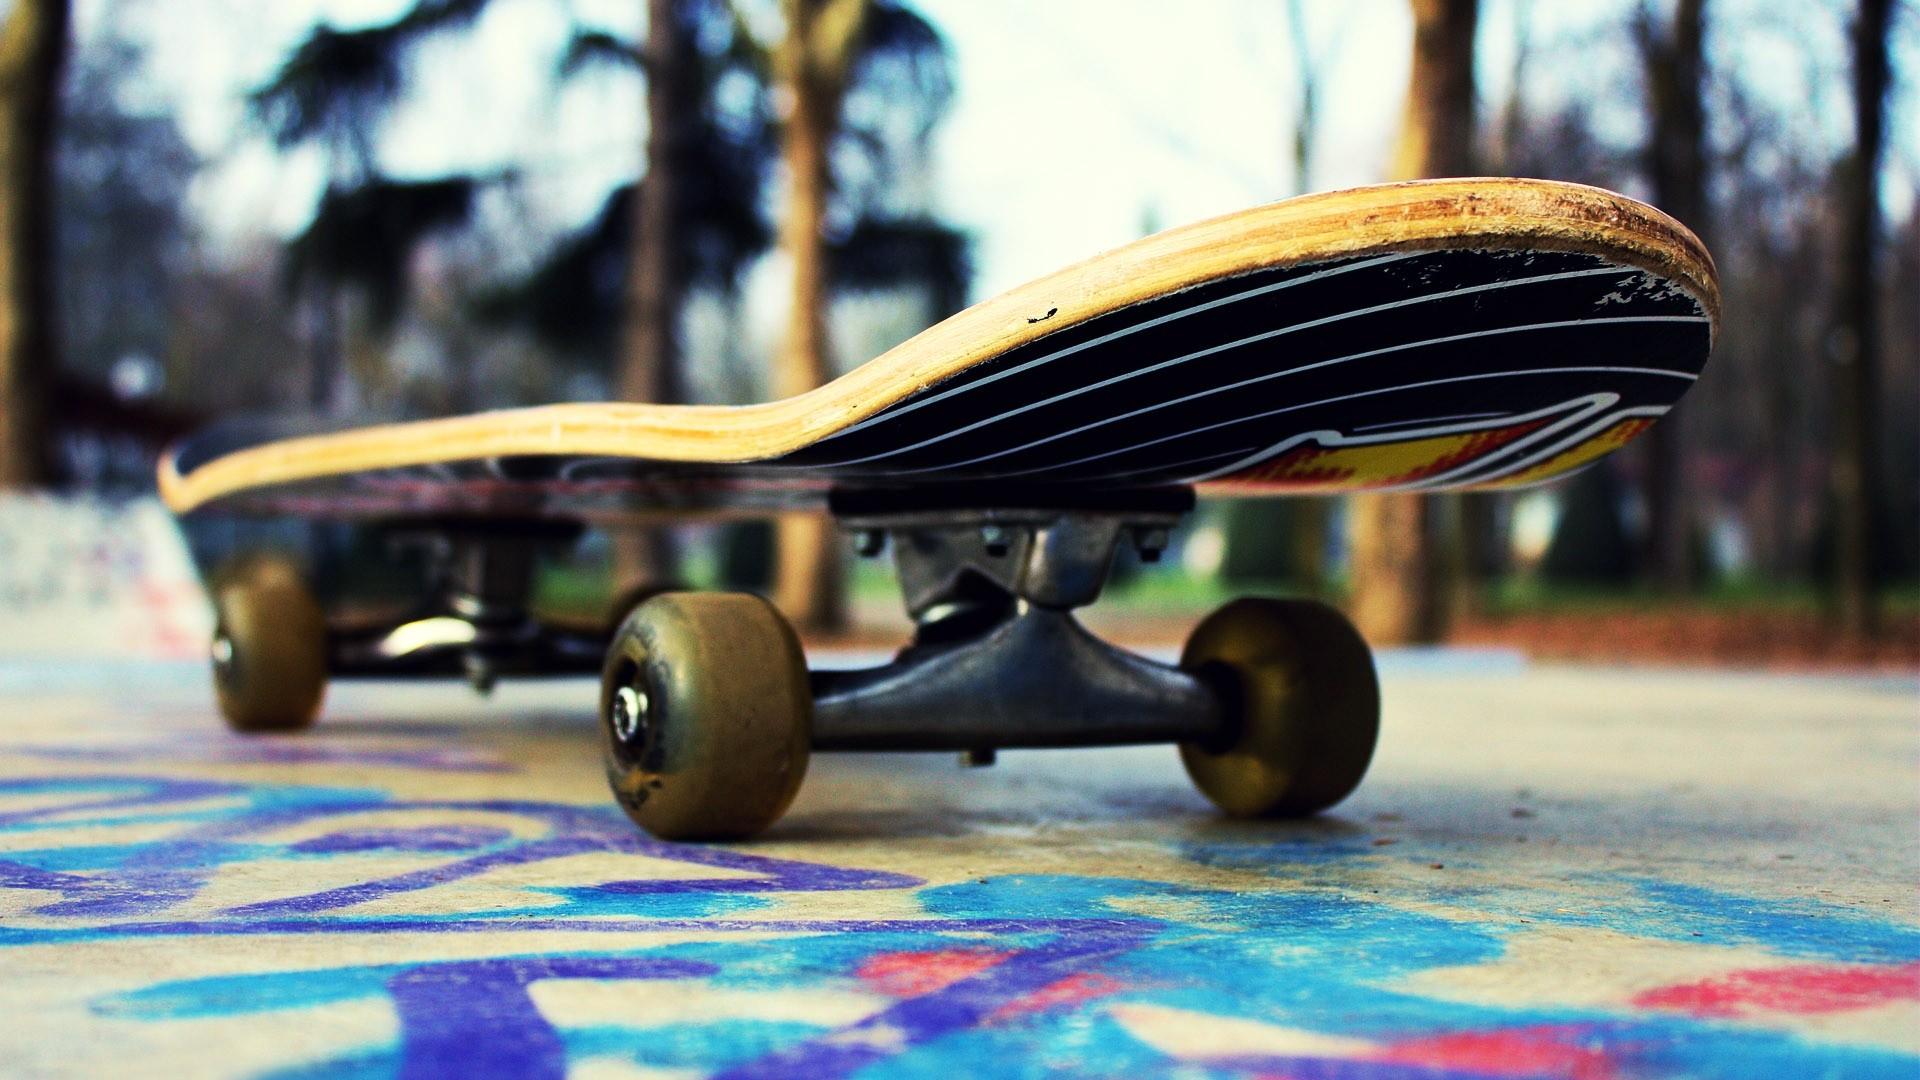 Pictures skateboarding brands logos skateboarding element wallpaper 1920x1080